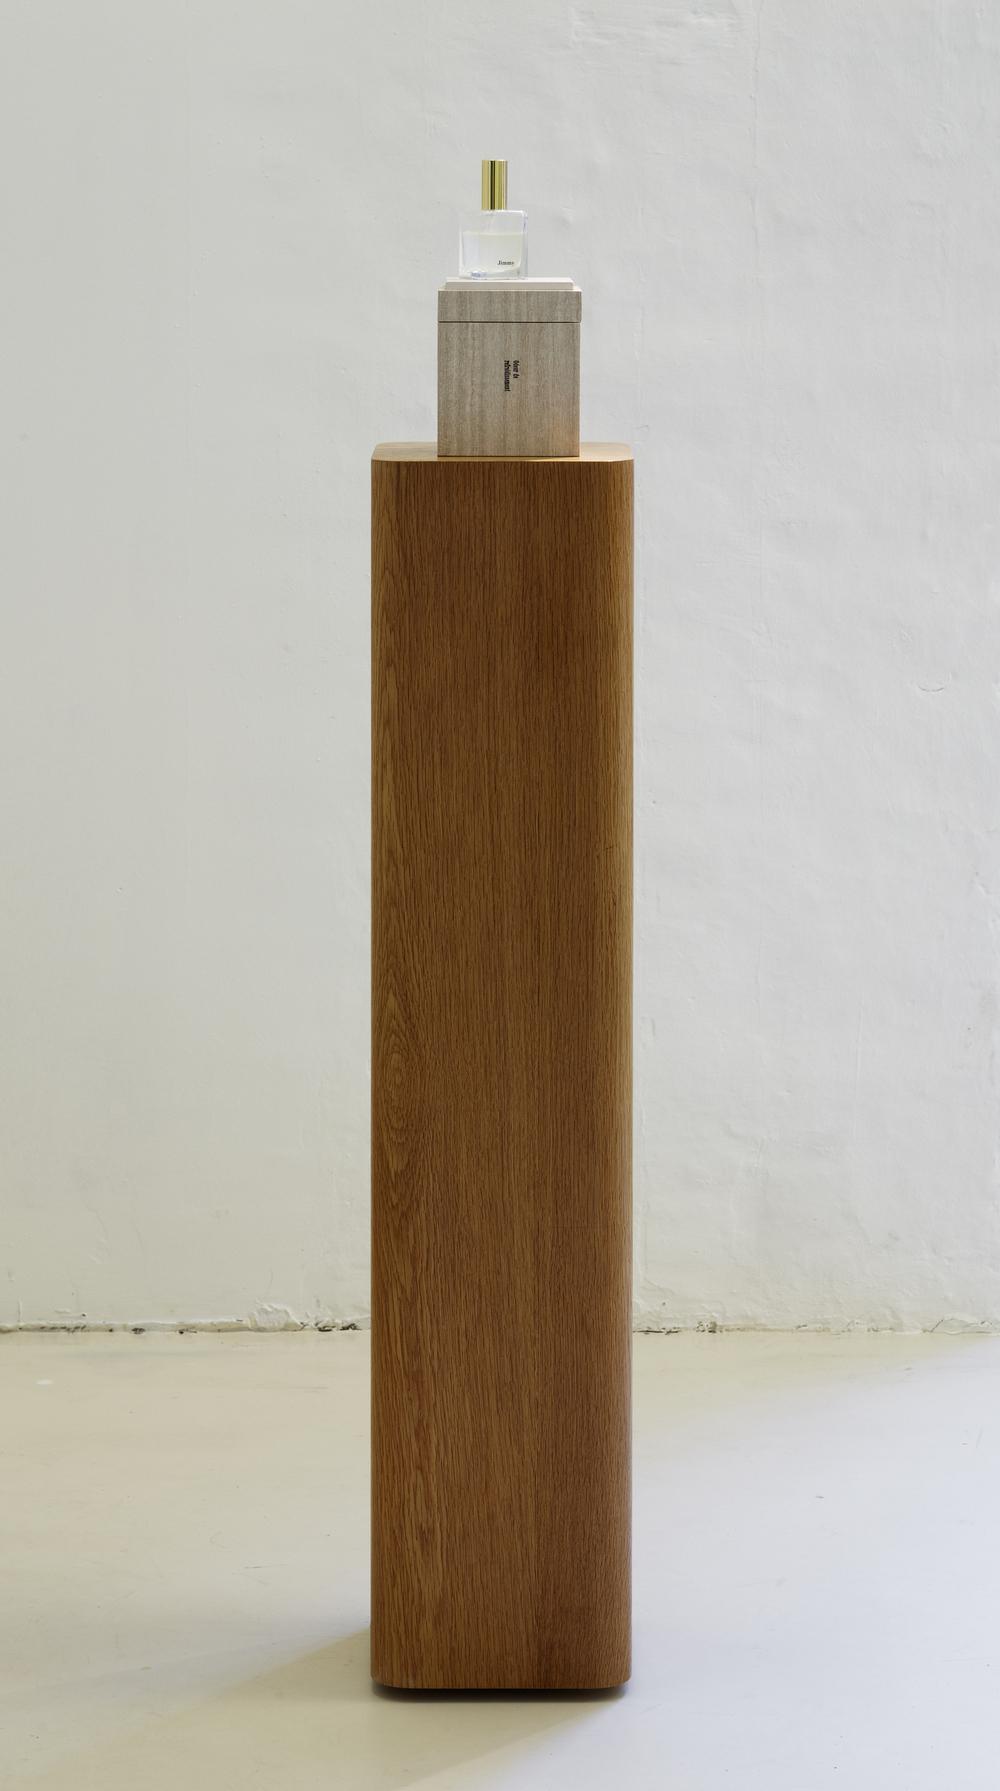 Troels Sandegård, Odeur de refroidissement, 2009, Hyperhidrosis (male perspiration), flacon, wood, veneer, leather, cardboard, 132 x 21,5 x 21,5 cm_2.jpg